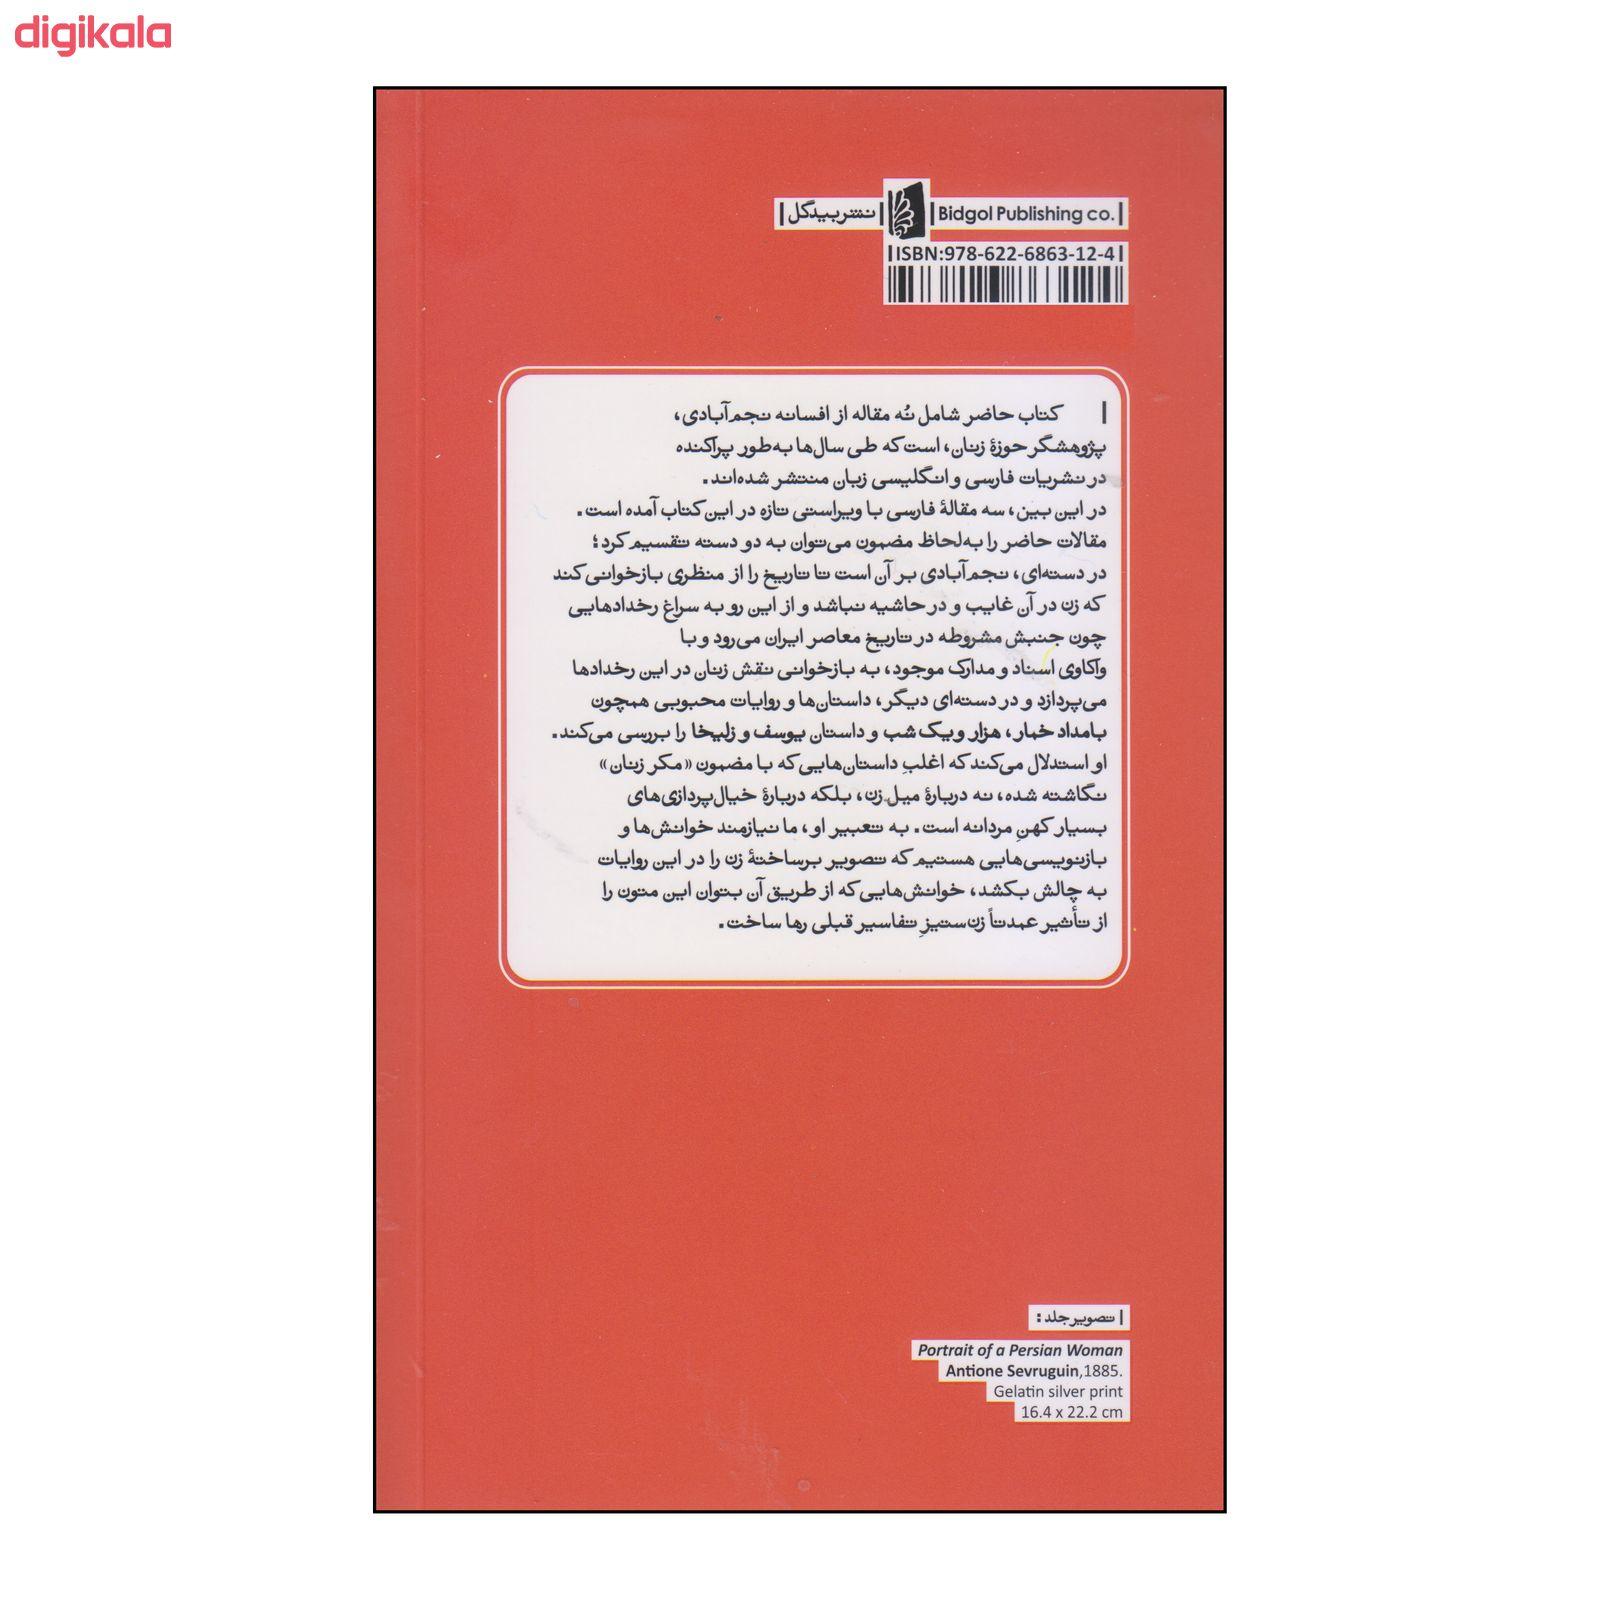 کتاب چرا شد محو از یاد تو نامم؟ اثر افسانه نجم آبادی نشر بیدگل main 1 1